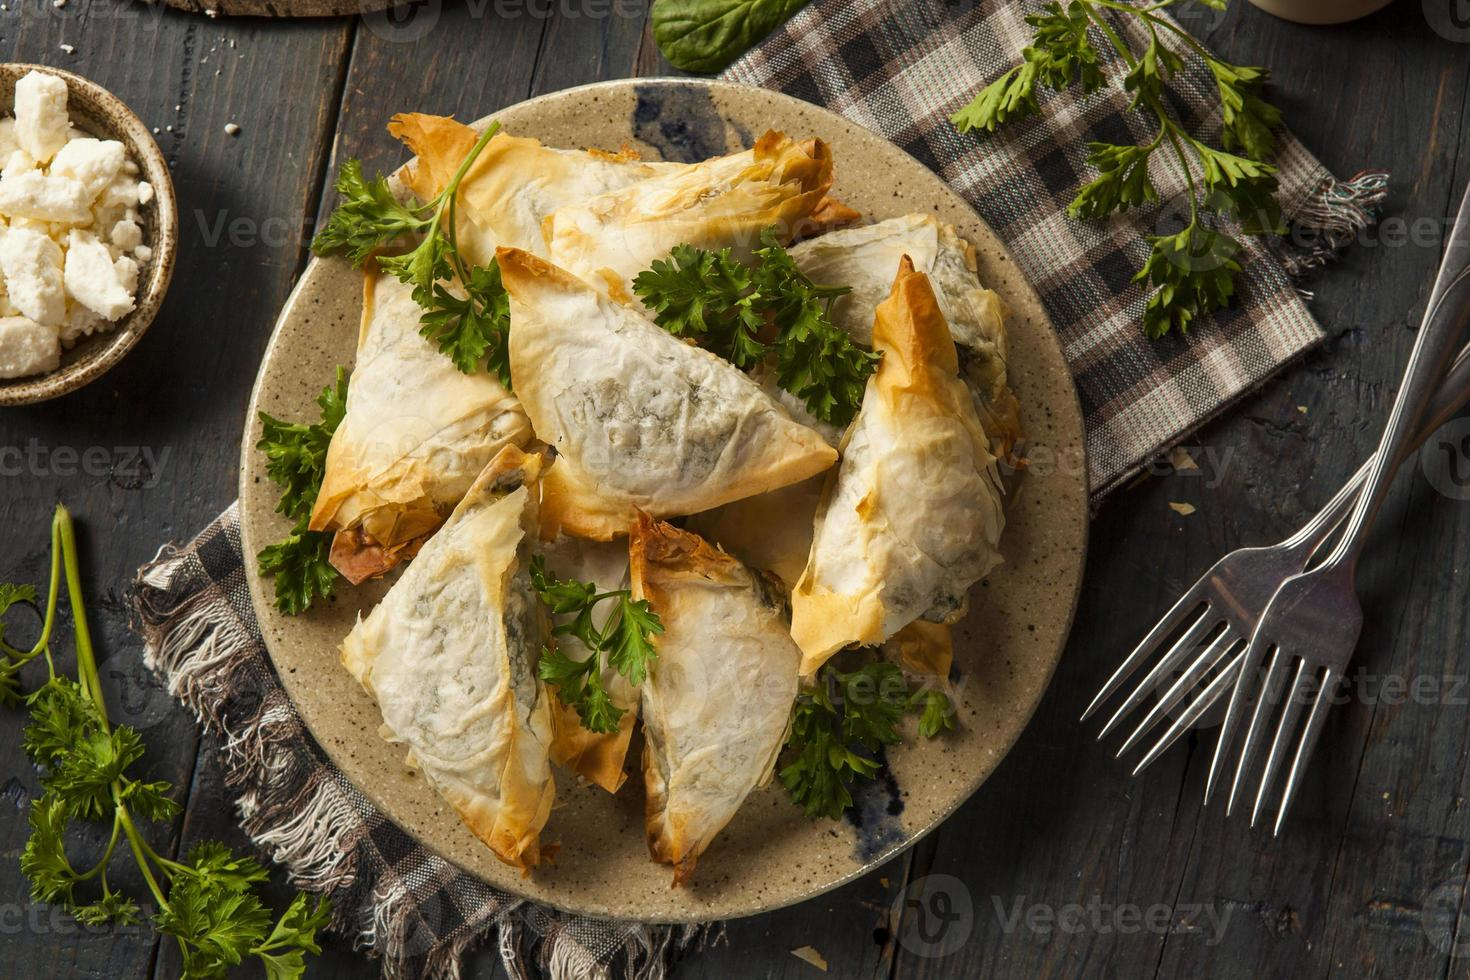 hausgemachtes griechisches Spanakopita-Gebäck foto